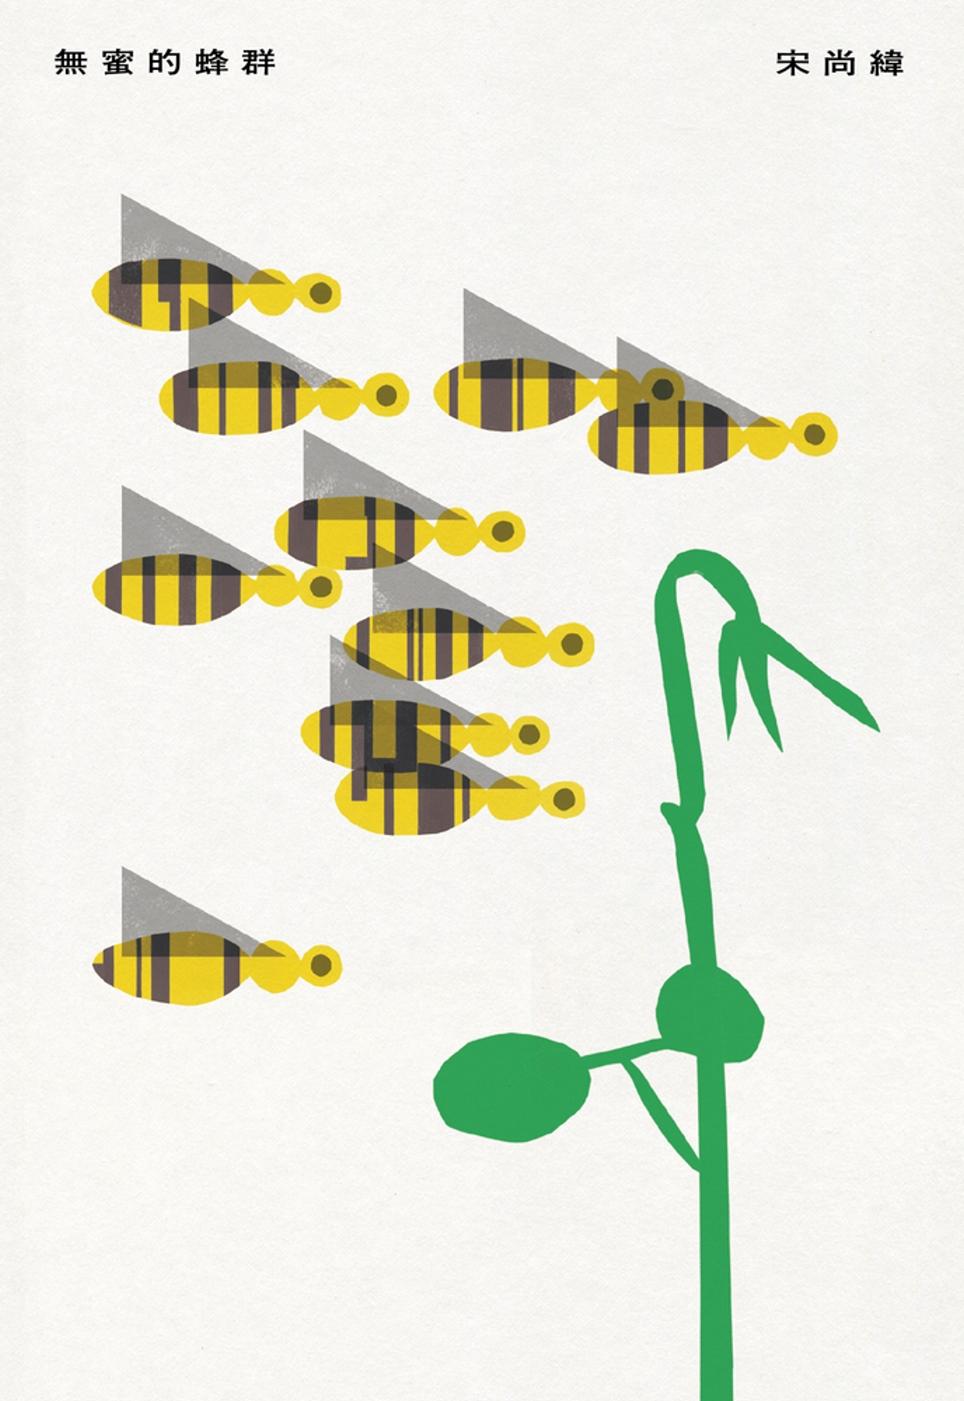 無蜜的蜂群